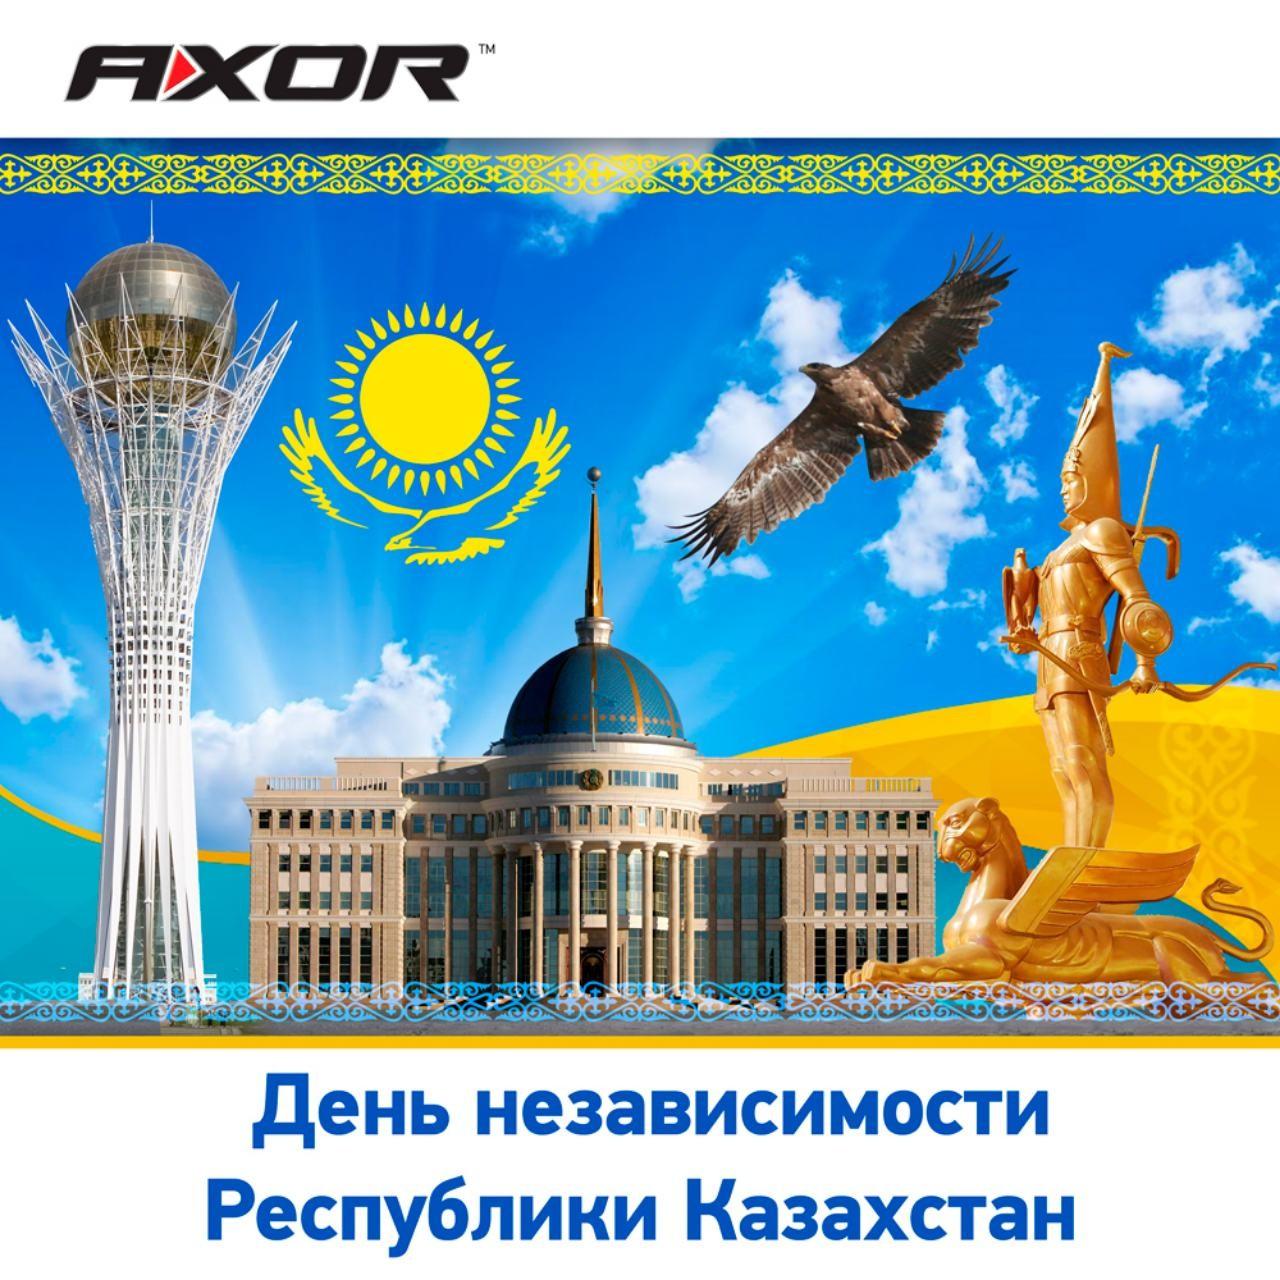 забыли, картинки ко дня независимости казахстана много, вот учителей